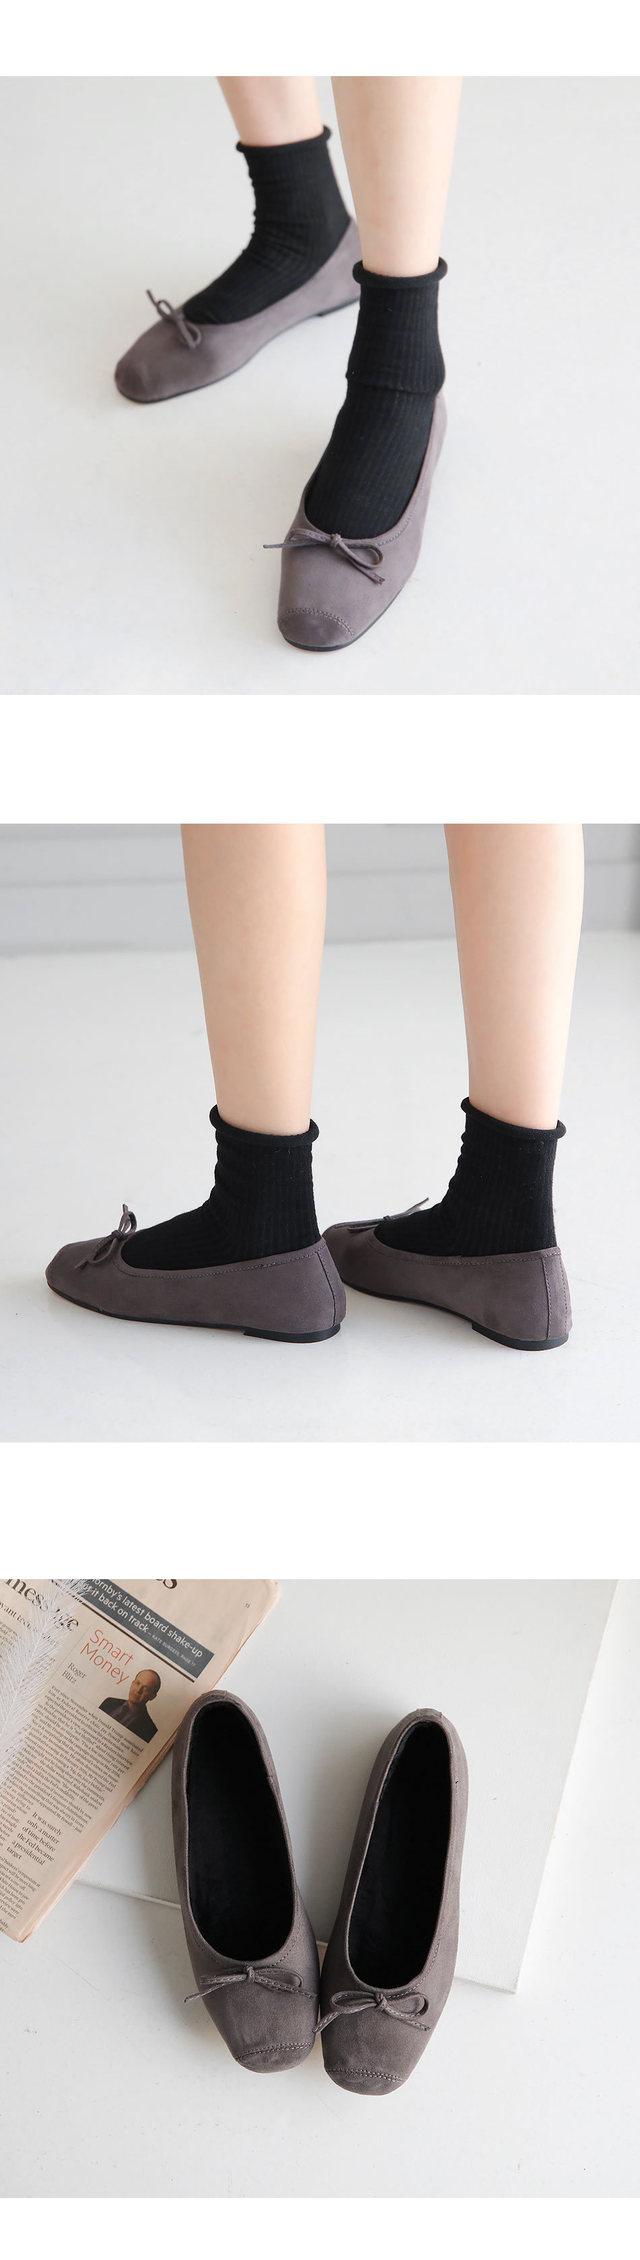 Haemonfur flat shoes 1cm